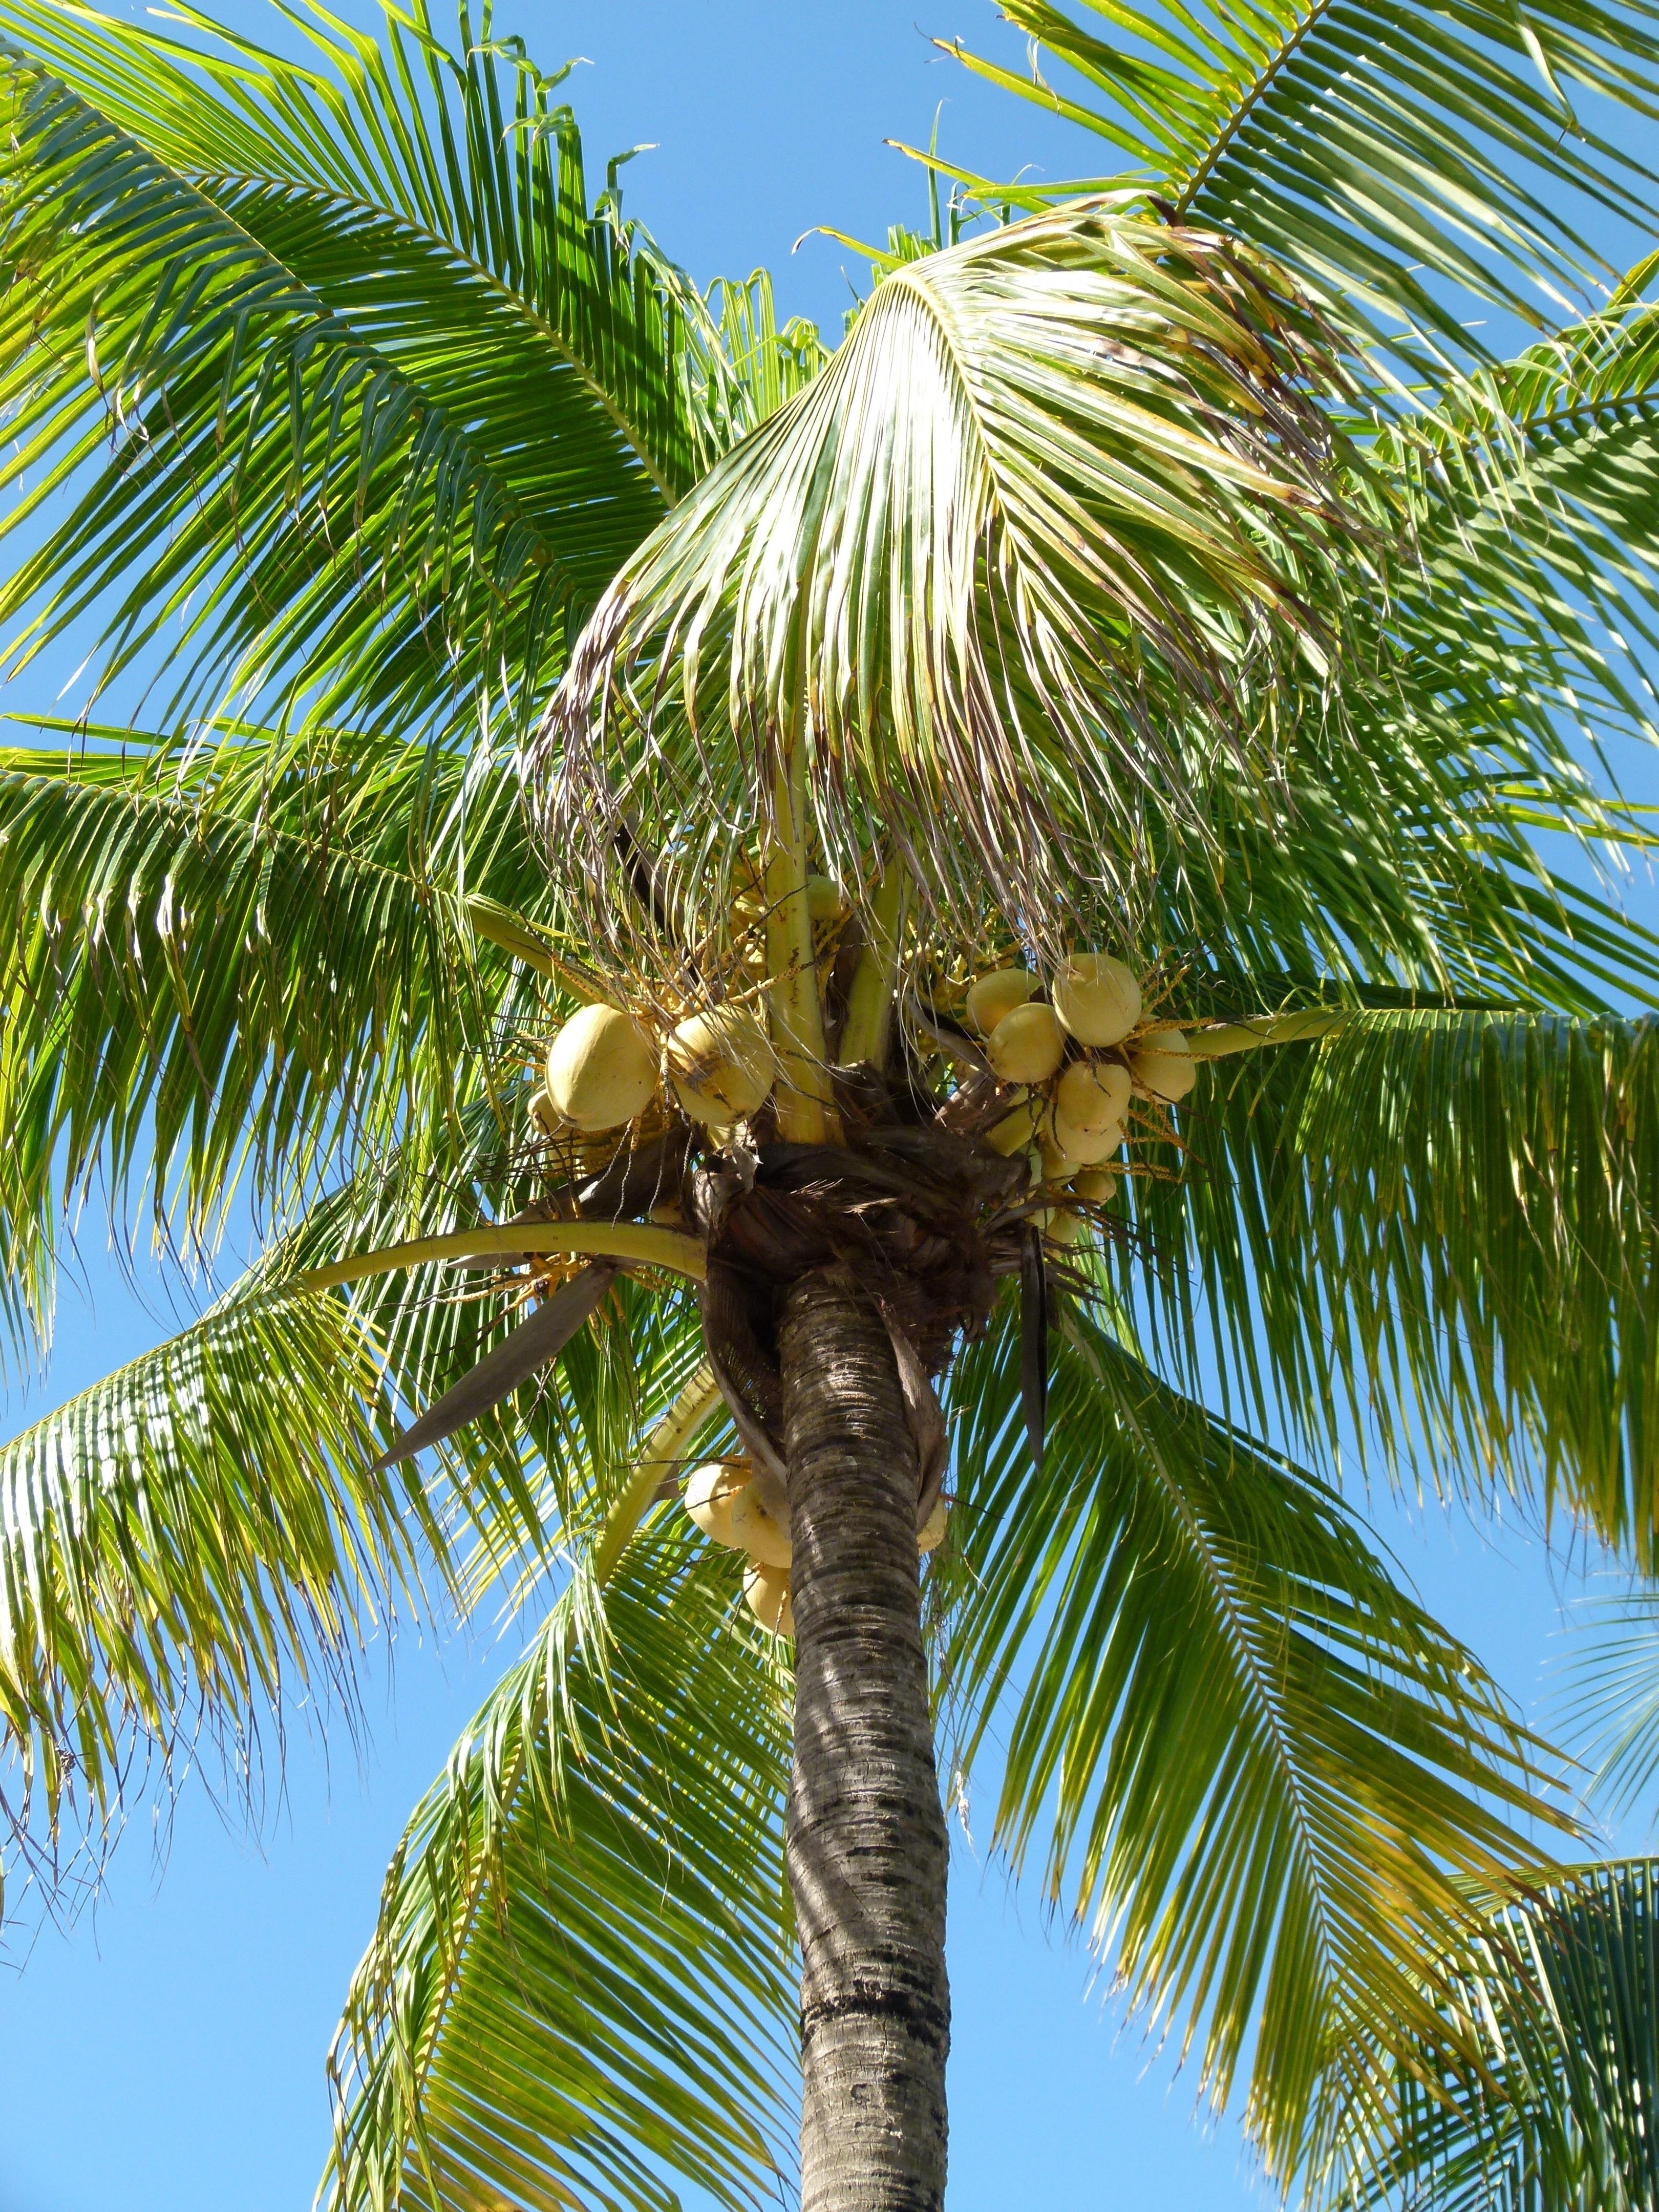 картинки где растут кокосы заявку, принимаю